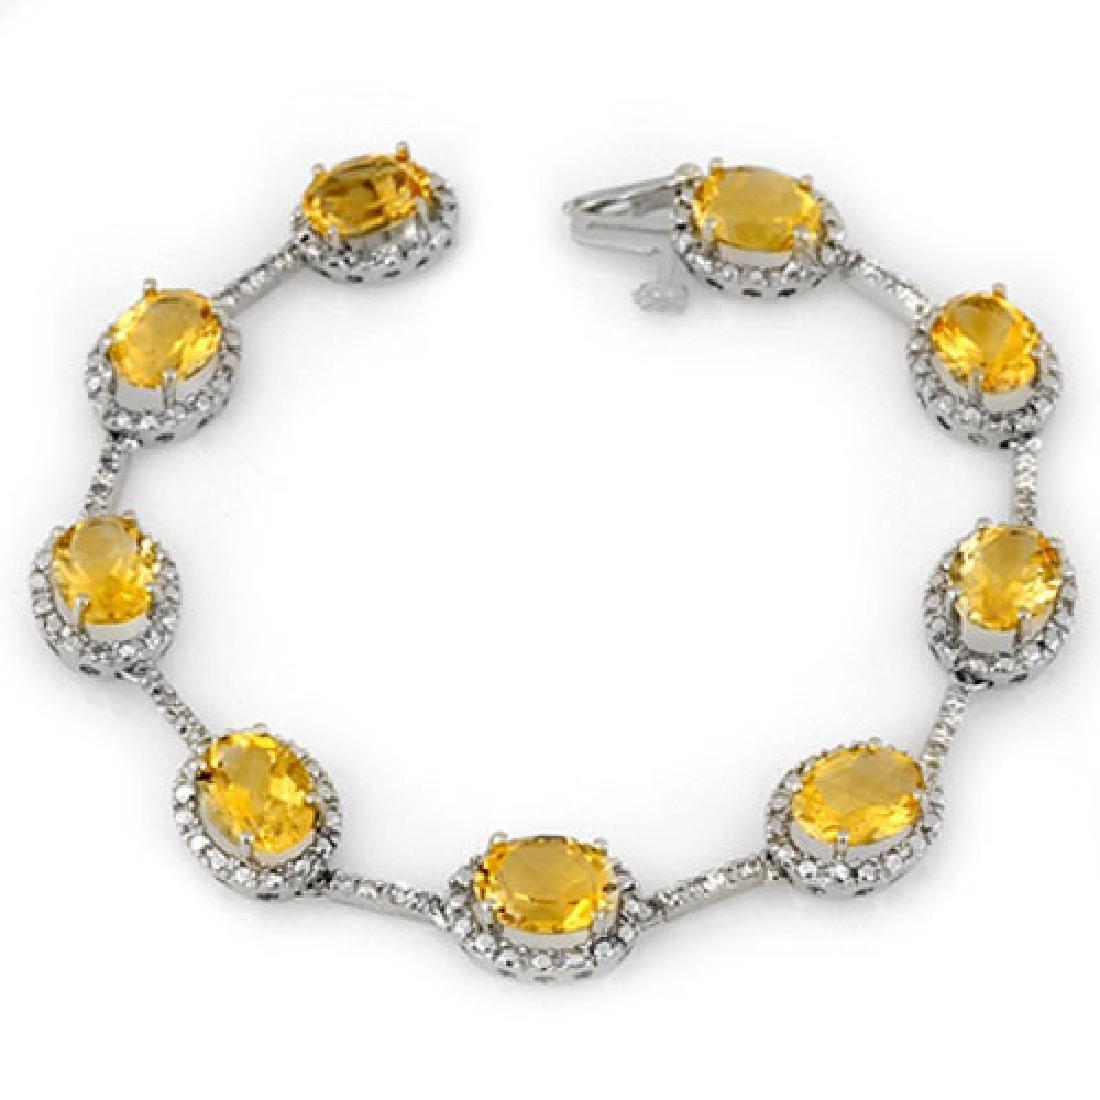 16.33 CTW Citrine & Diamond Bracelet 14K White Gold